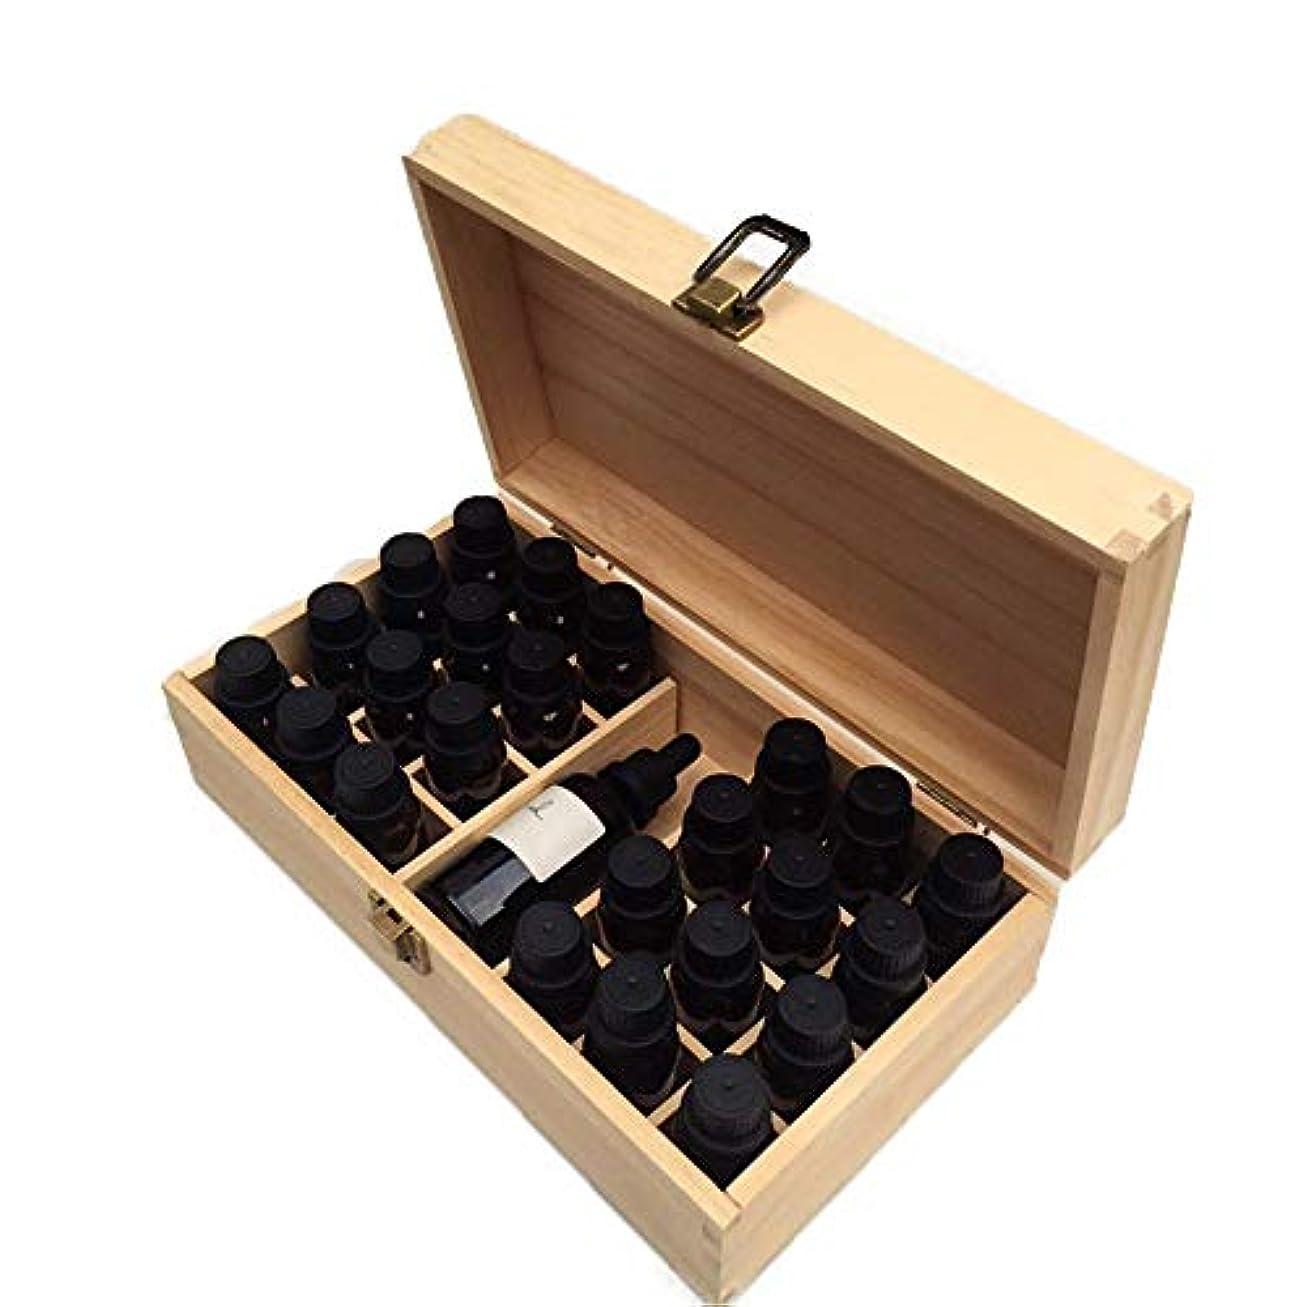 下品火炎安価なエッセンシャルオイルボックス ハンドル付きの精油木製収納ボックスの25種類は、あなたの油のセキュリティを維持するのが最善です アロマセラピー収納ボックス (色 : Natural, サイズ : 27X15X9CM)